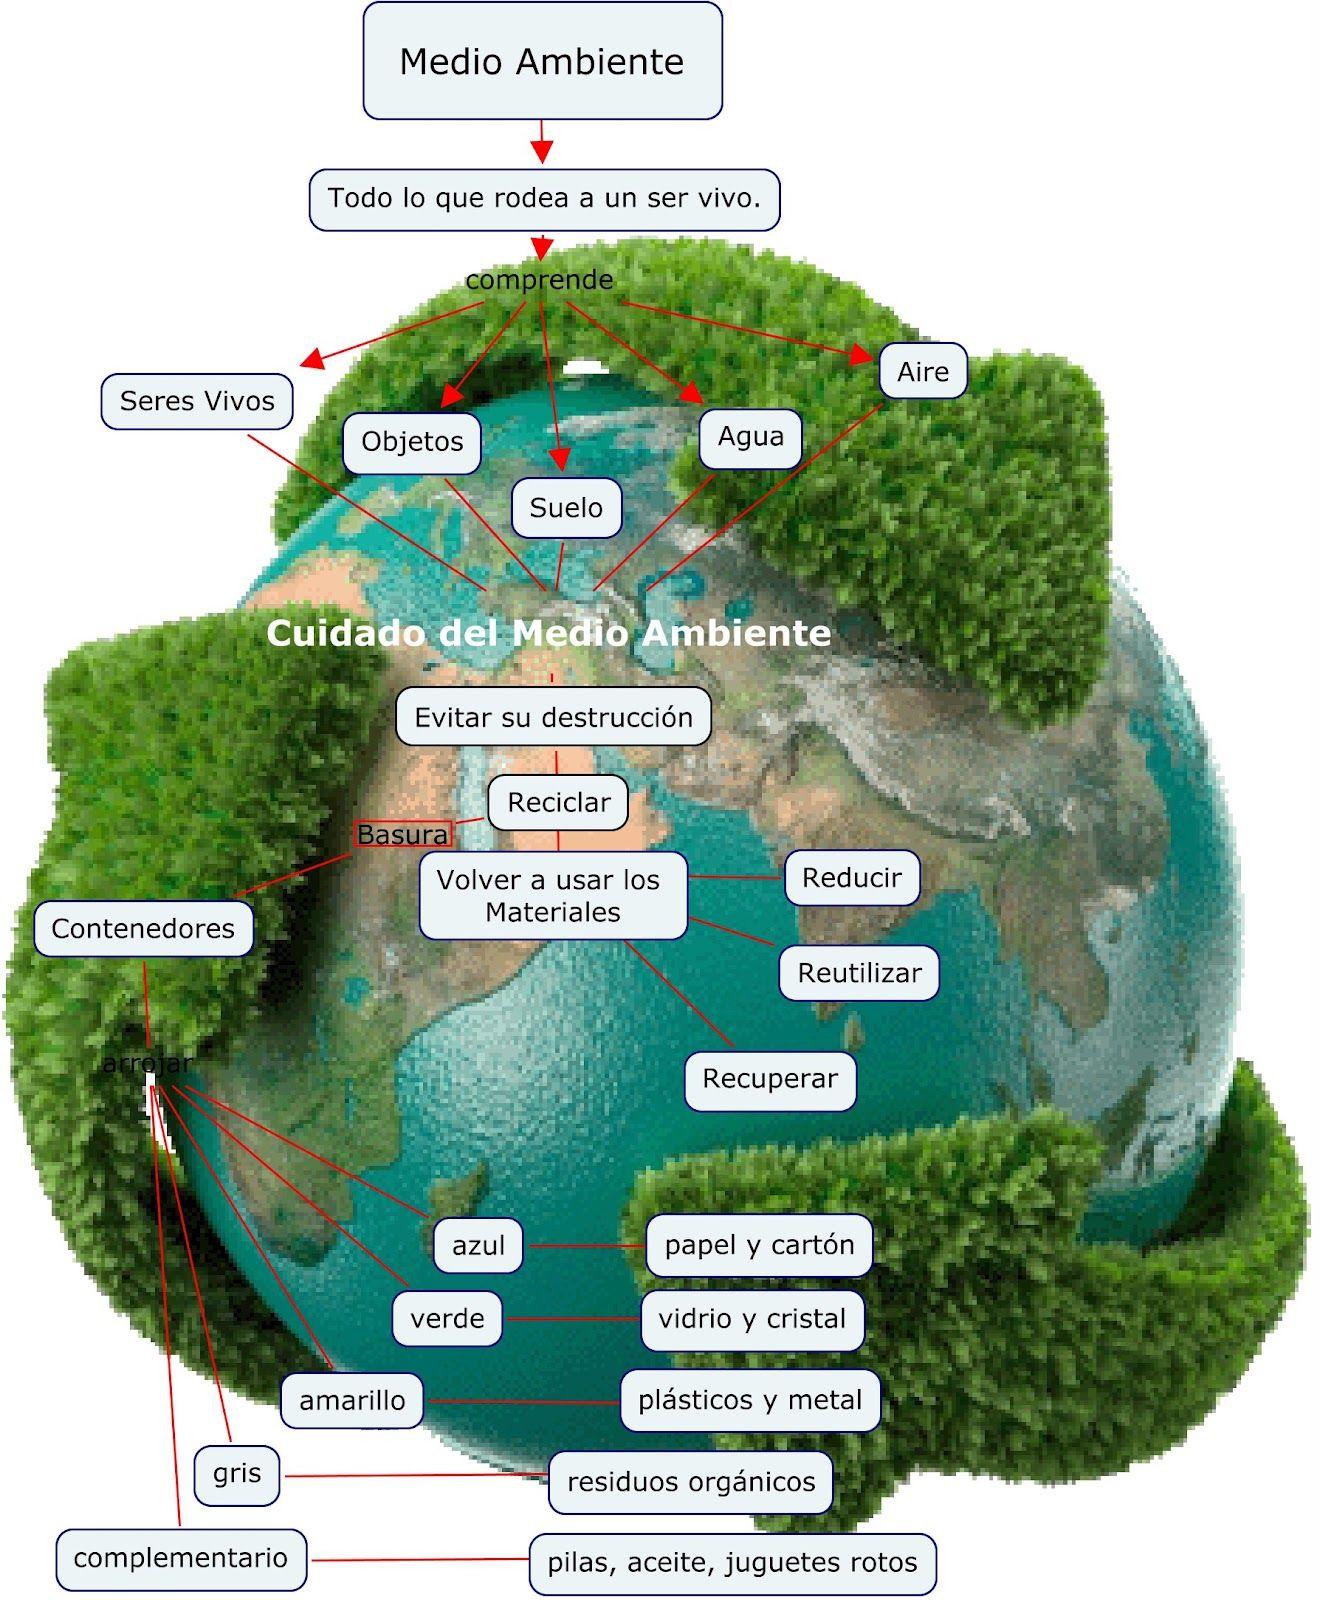 Mapa Mental Medio Ambiente Medioambiente Enseñanza De Química